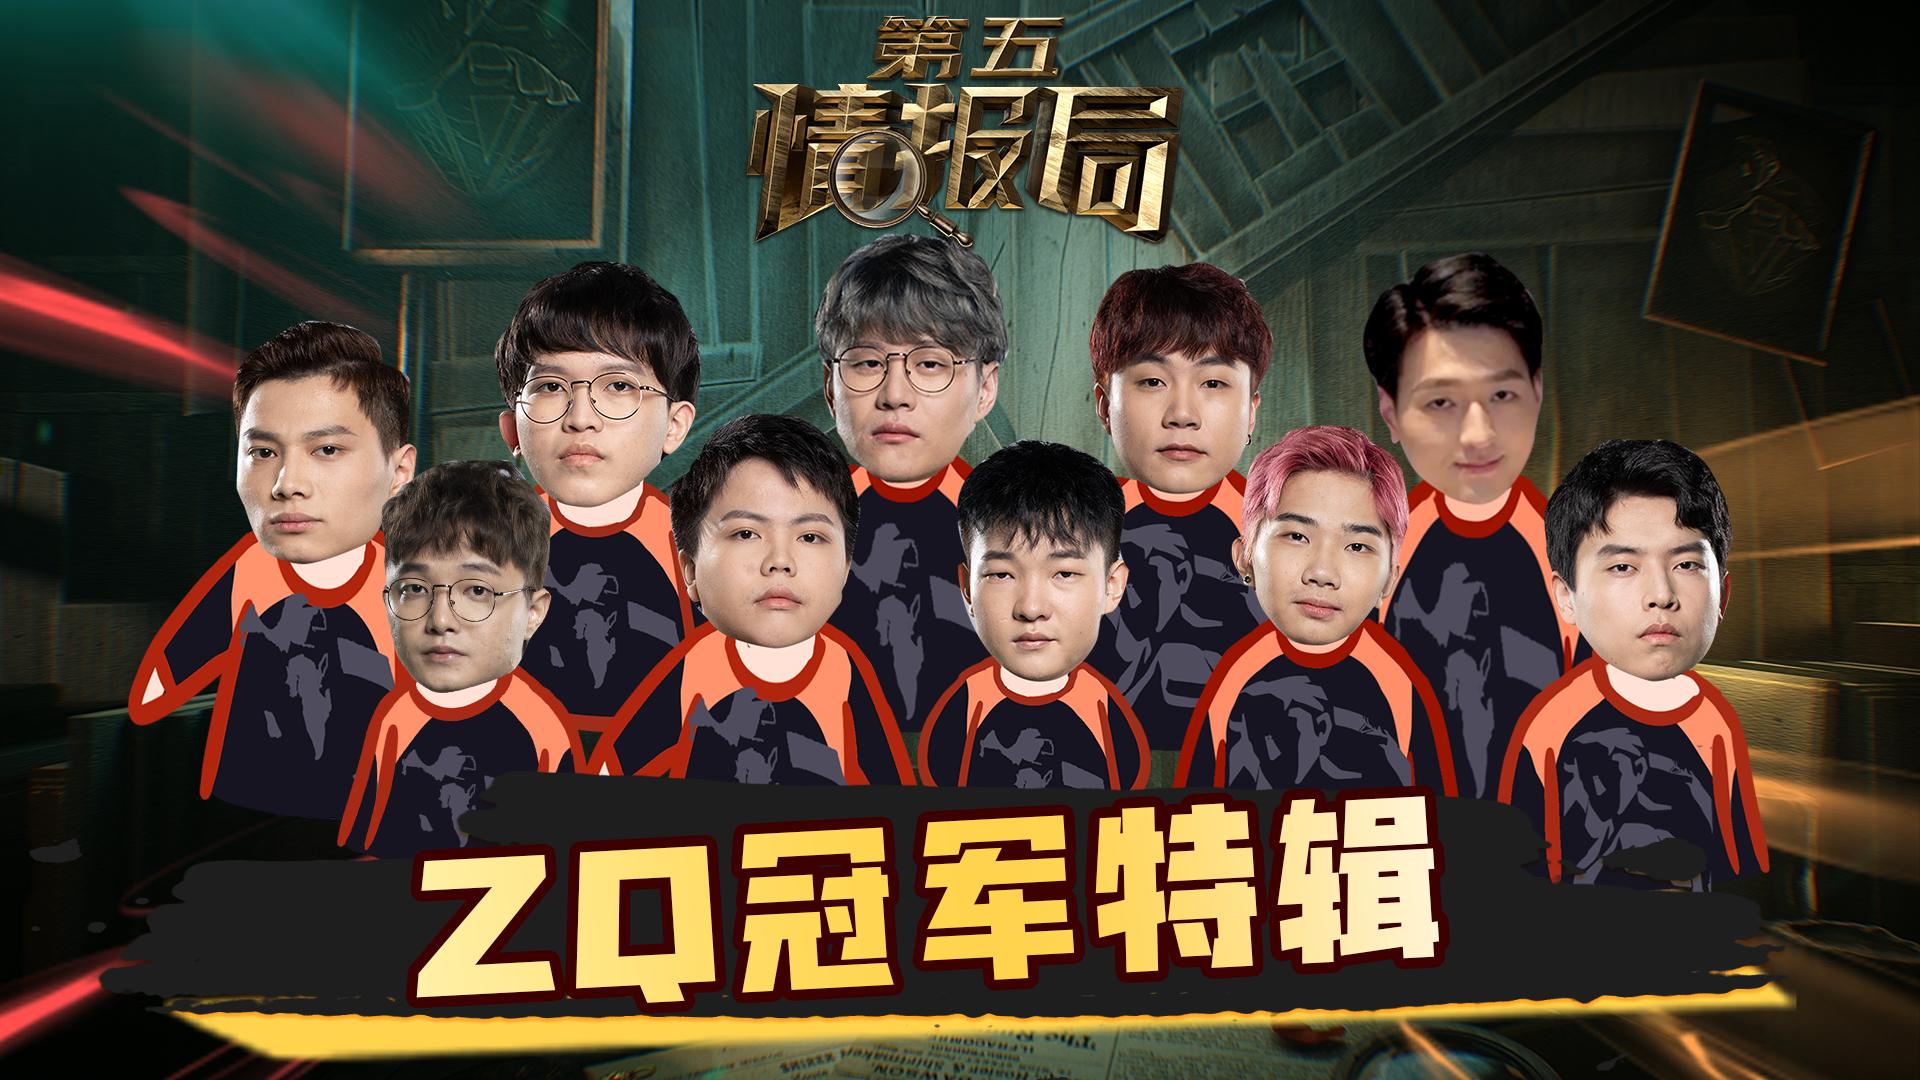 【第五情报局】IVL秋季赛第十期:ZQ冠军特辑